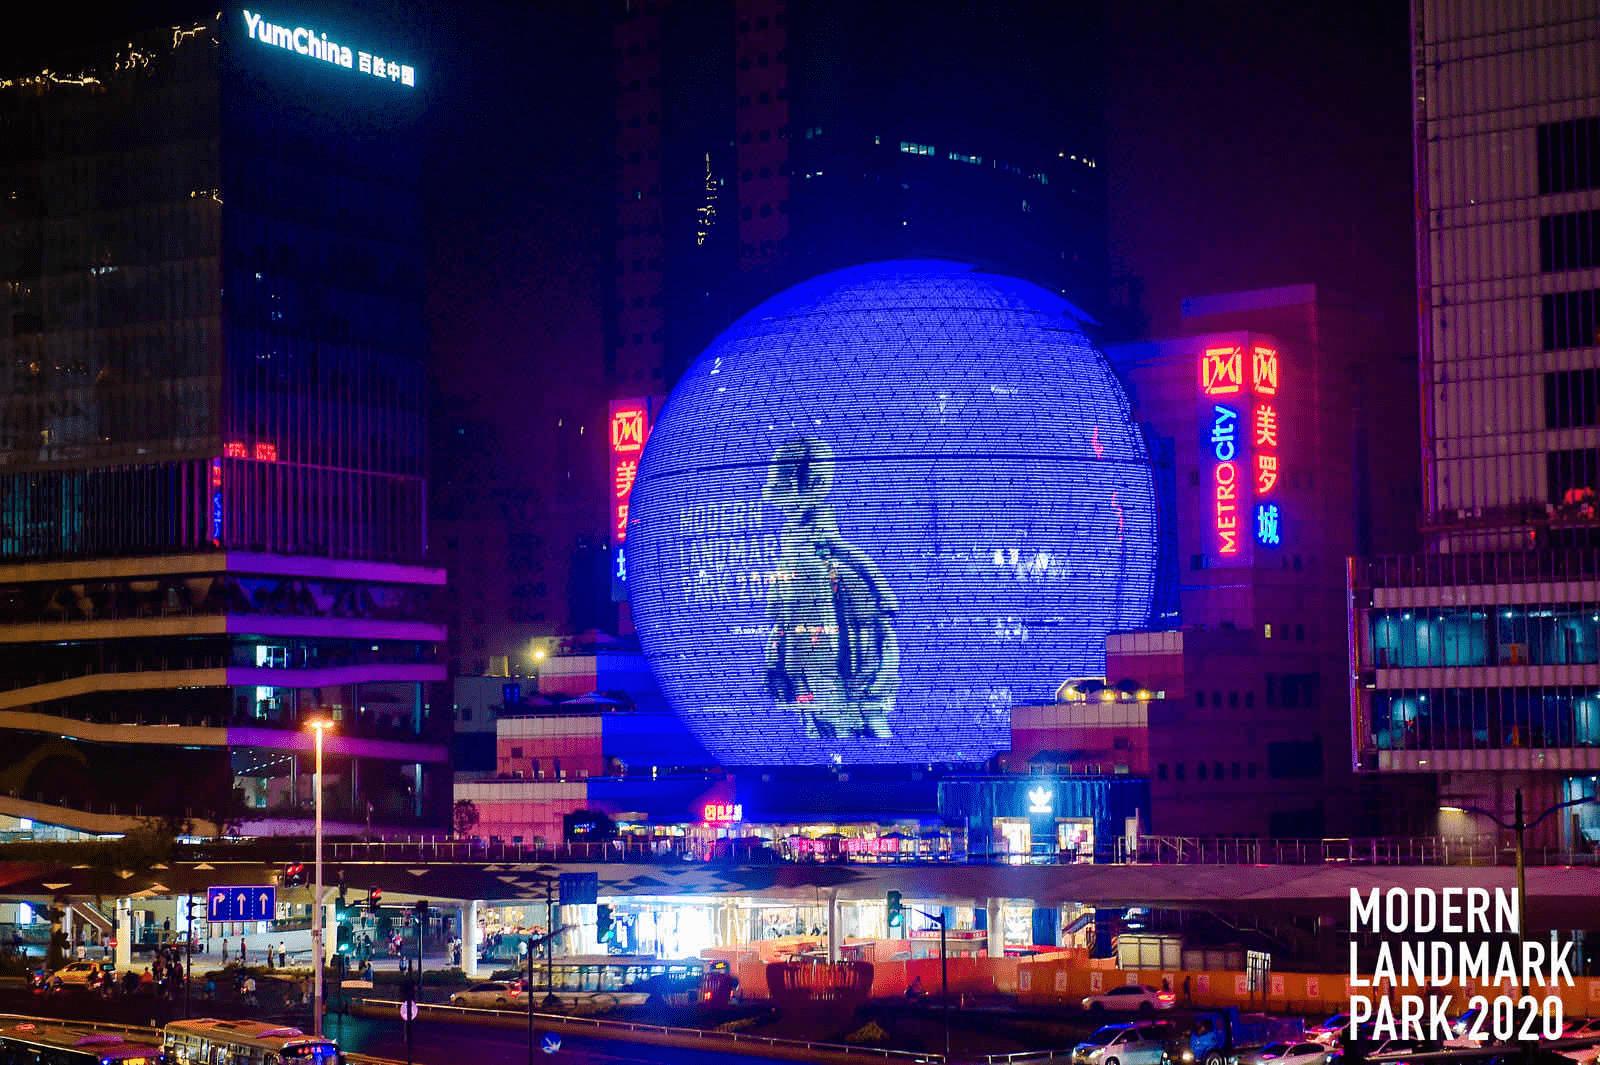 十日蓝色都市狂想 潮酷公园2020潮酷文化周落幕